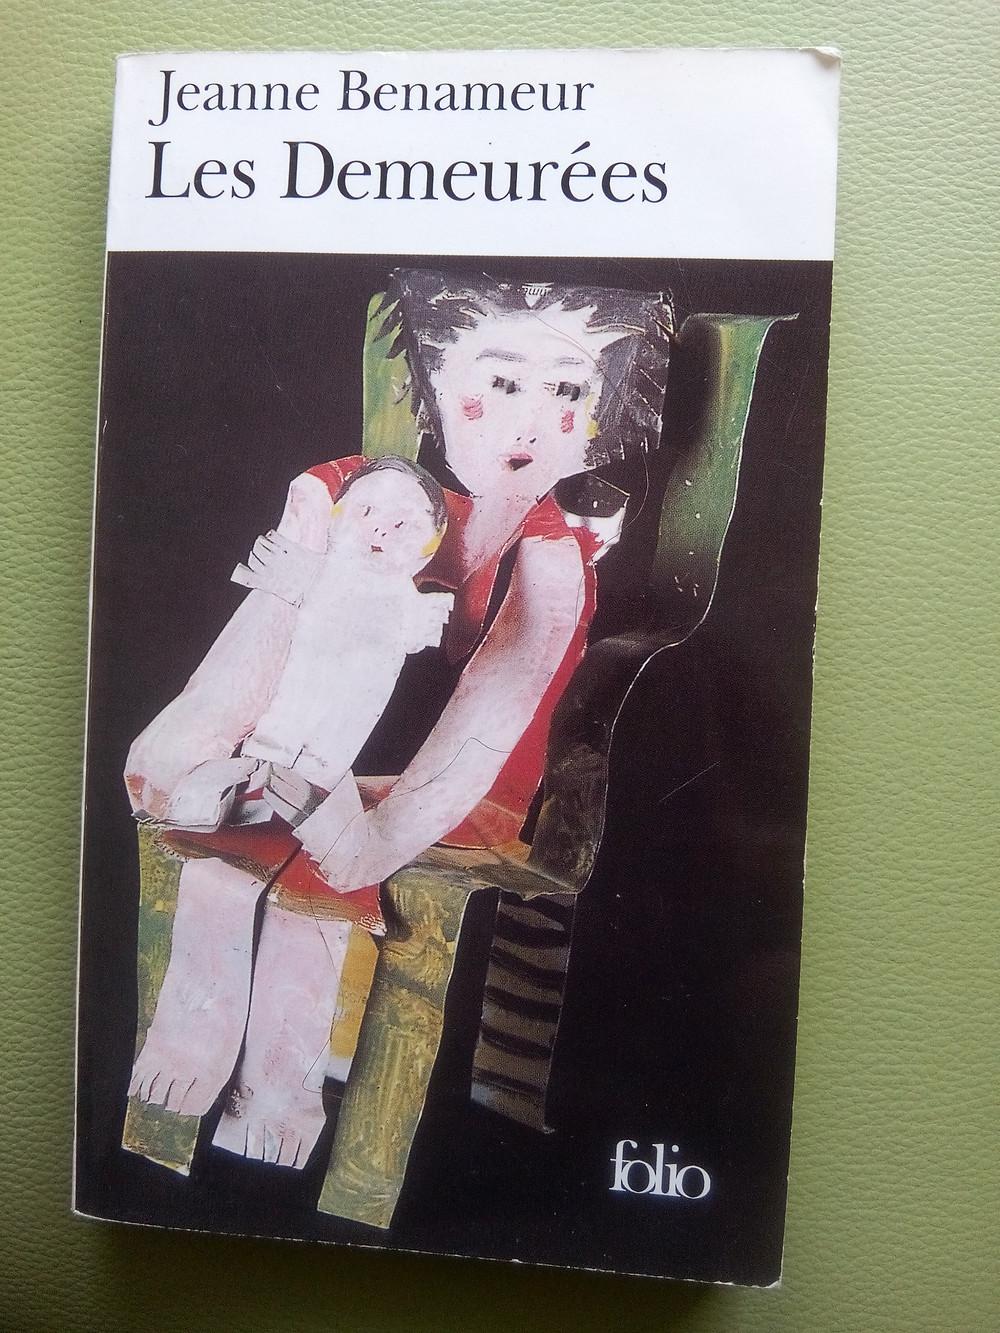 couverture du livre Les demeurées de Jeanne Benameur